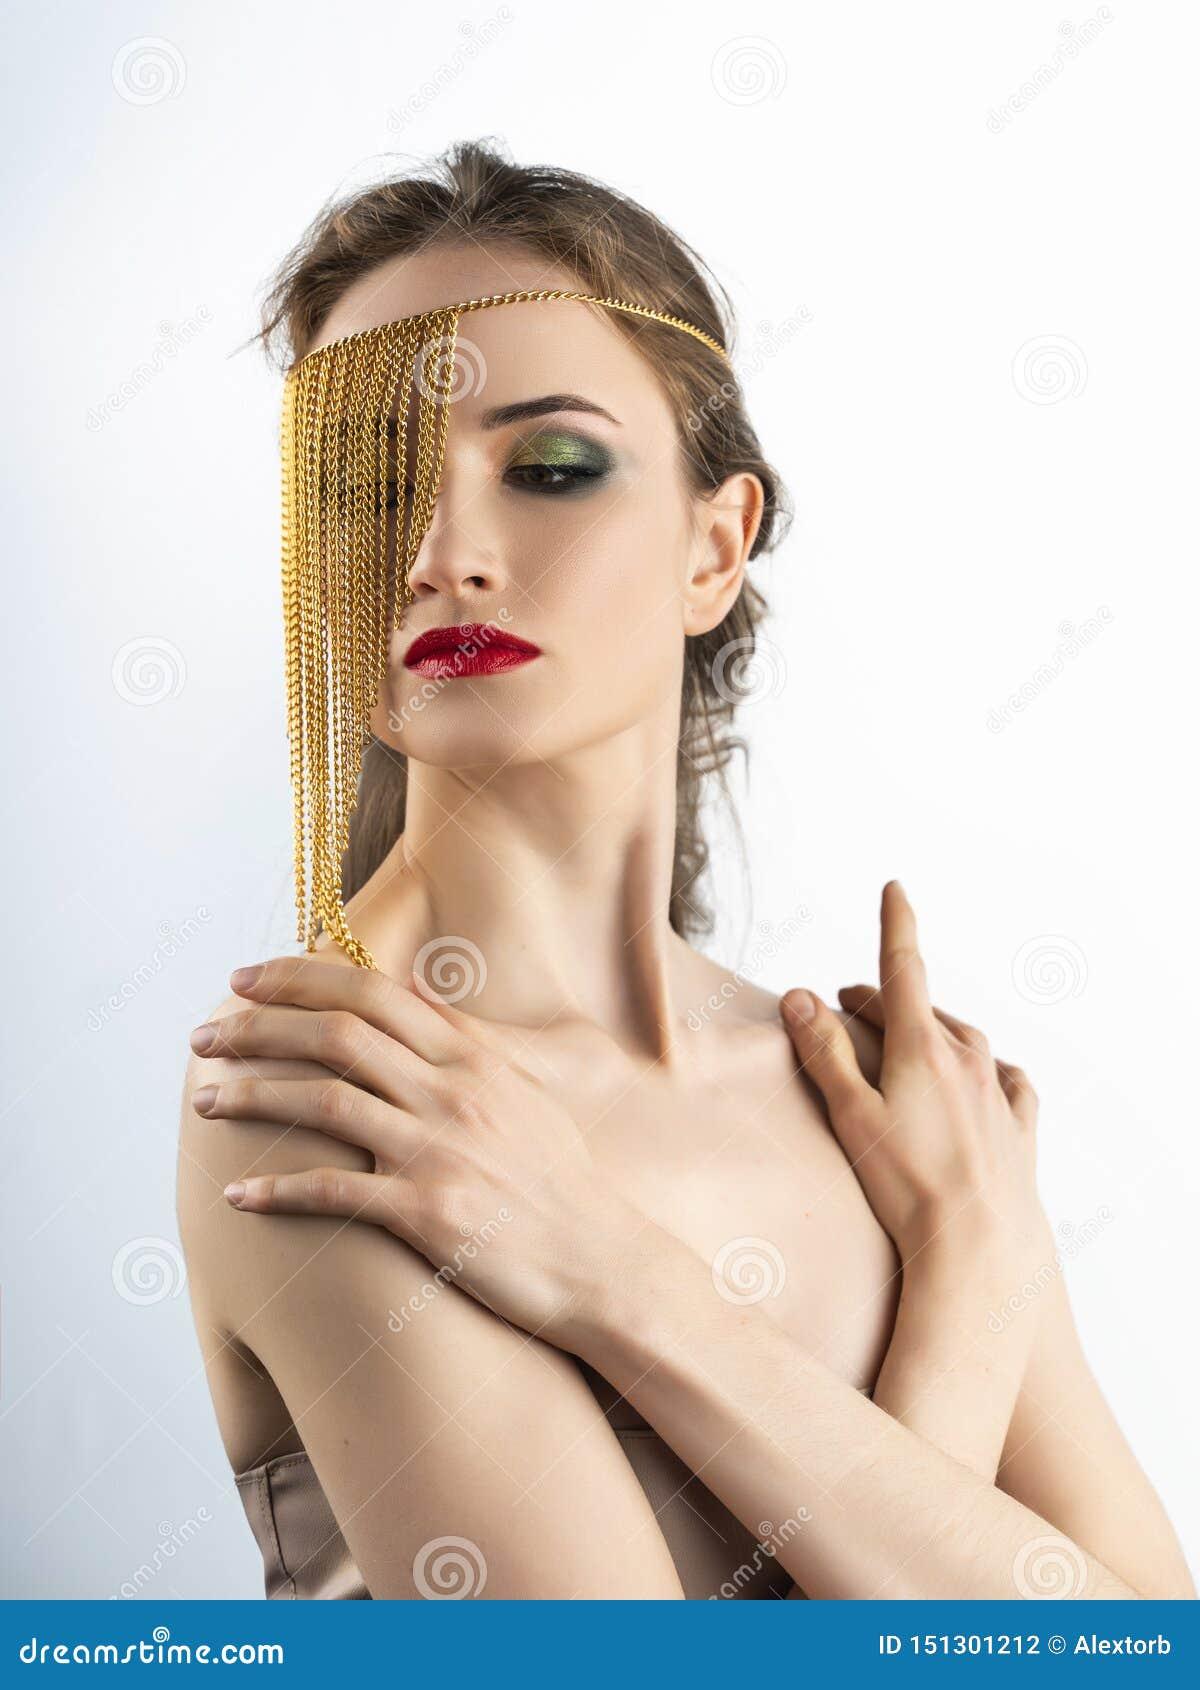 Il bello modello della ragazza con le labbra rosse prepara e spalle nude che indossano i gioielli concettuali di modo fatti delle